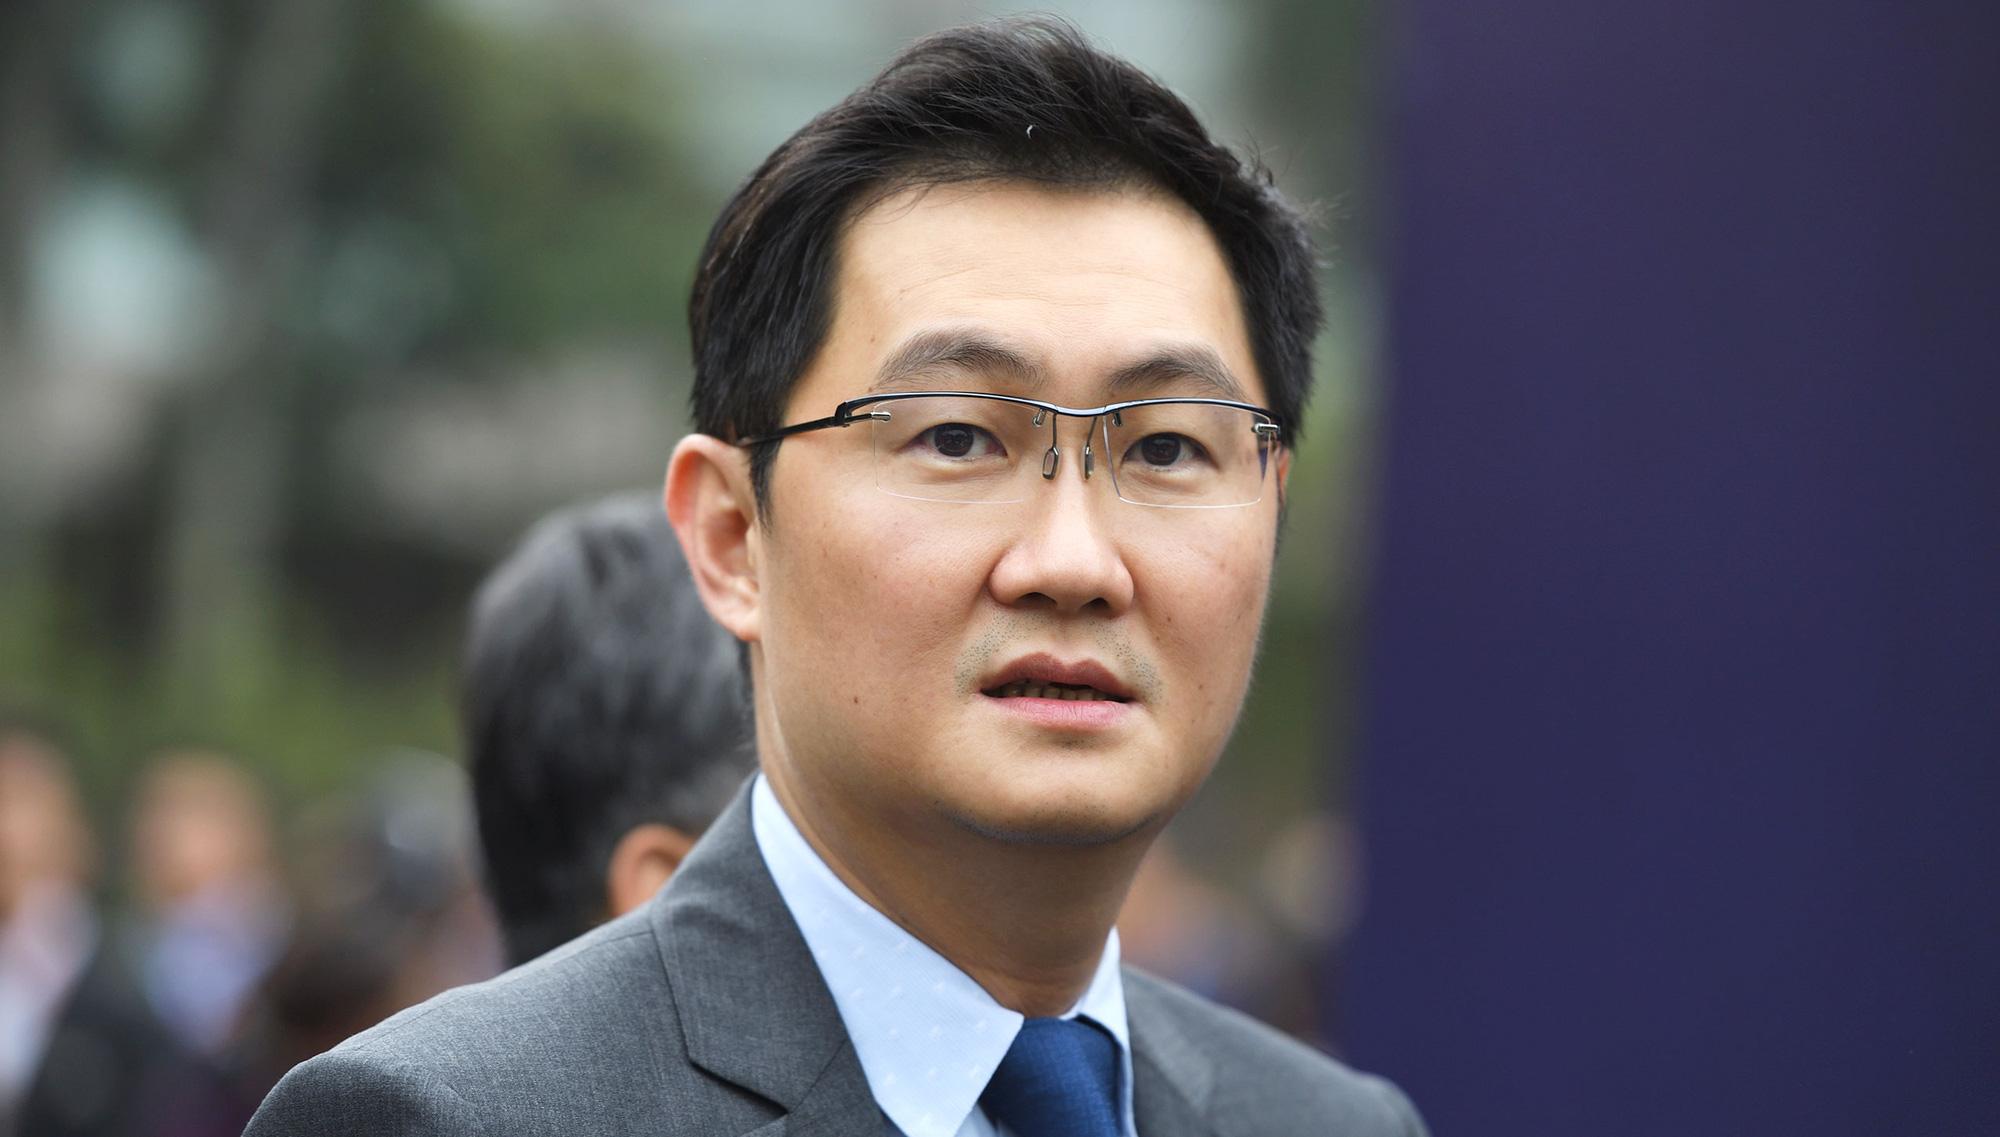 Mỗi tuần, Trung Quốc có thêm 5 tỷ phú - Ảnh 3.